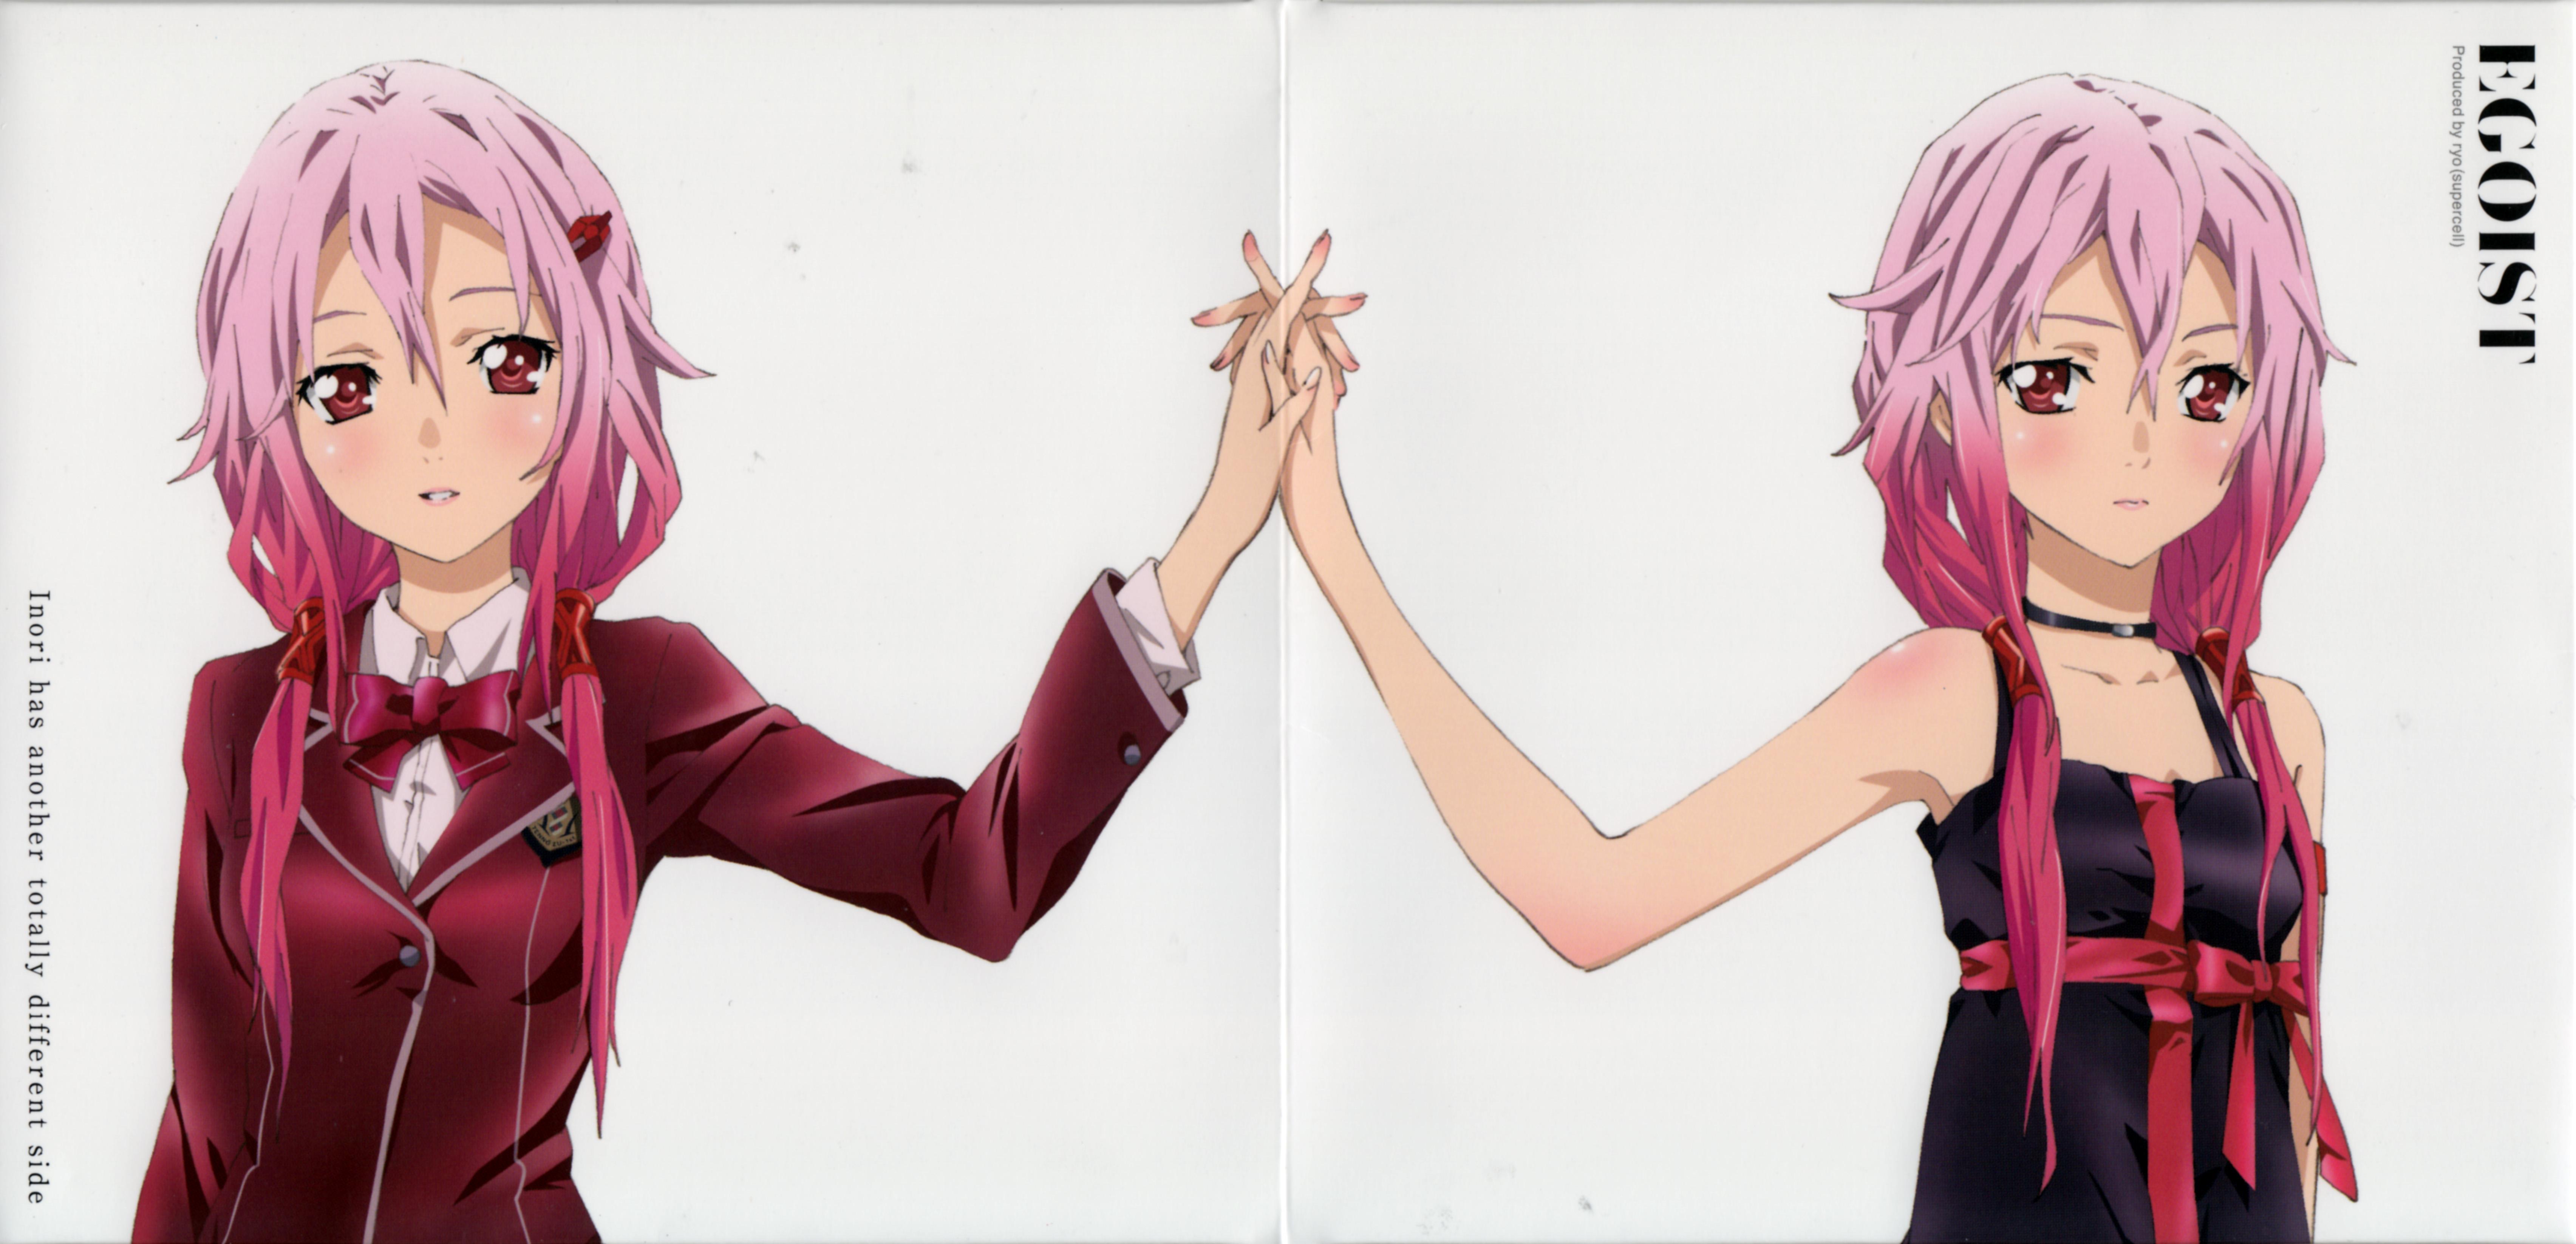 Anime Characters Holding Hands : Yuzuriha inori  zerochan